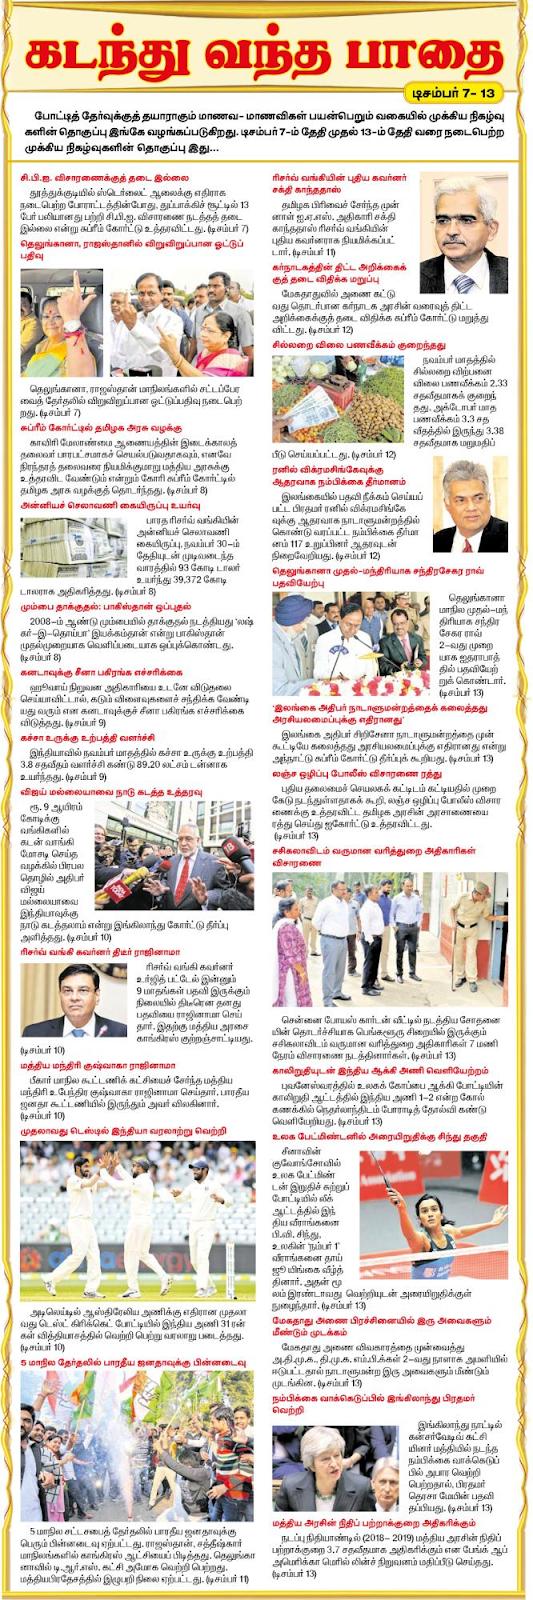 TNPSC | 2019 KALVISOLAI TNPSC | STUDY MATERIALS DOWNLOAD